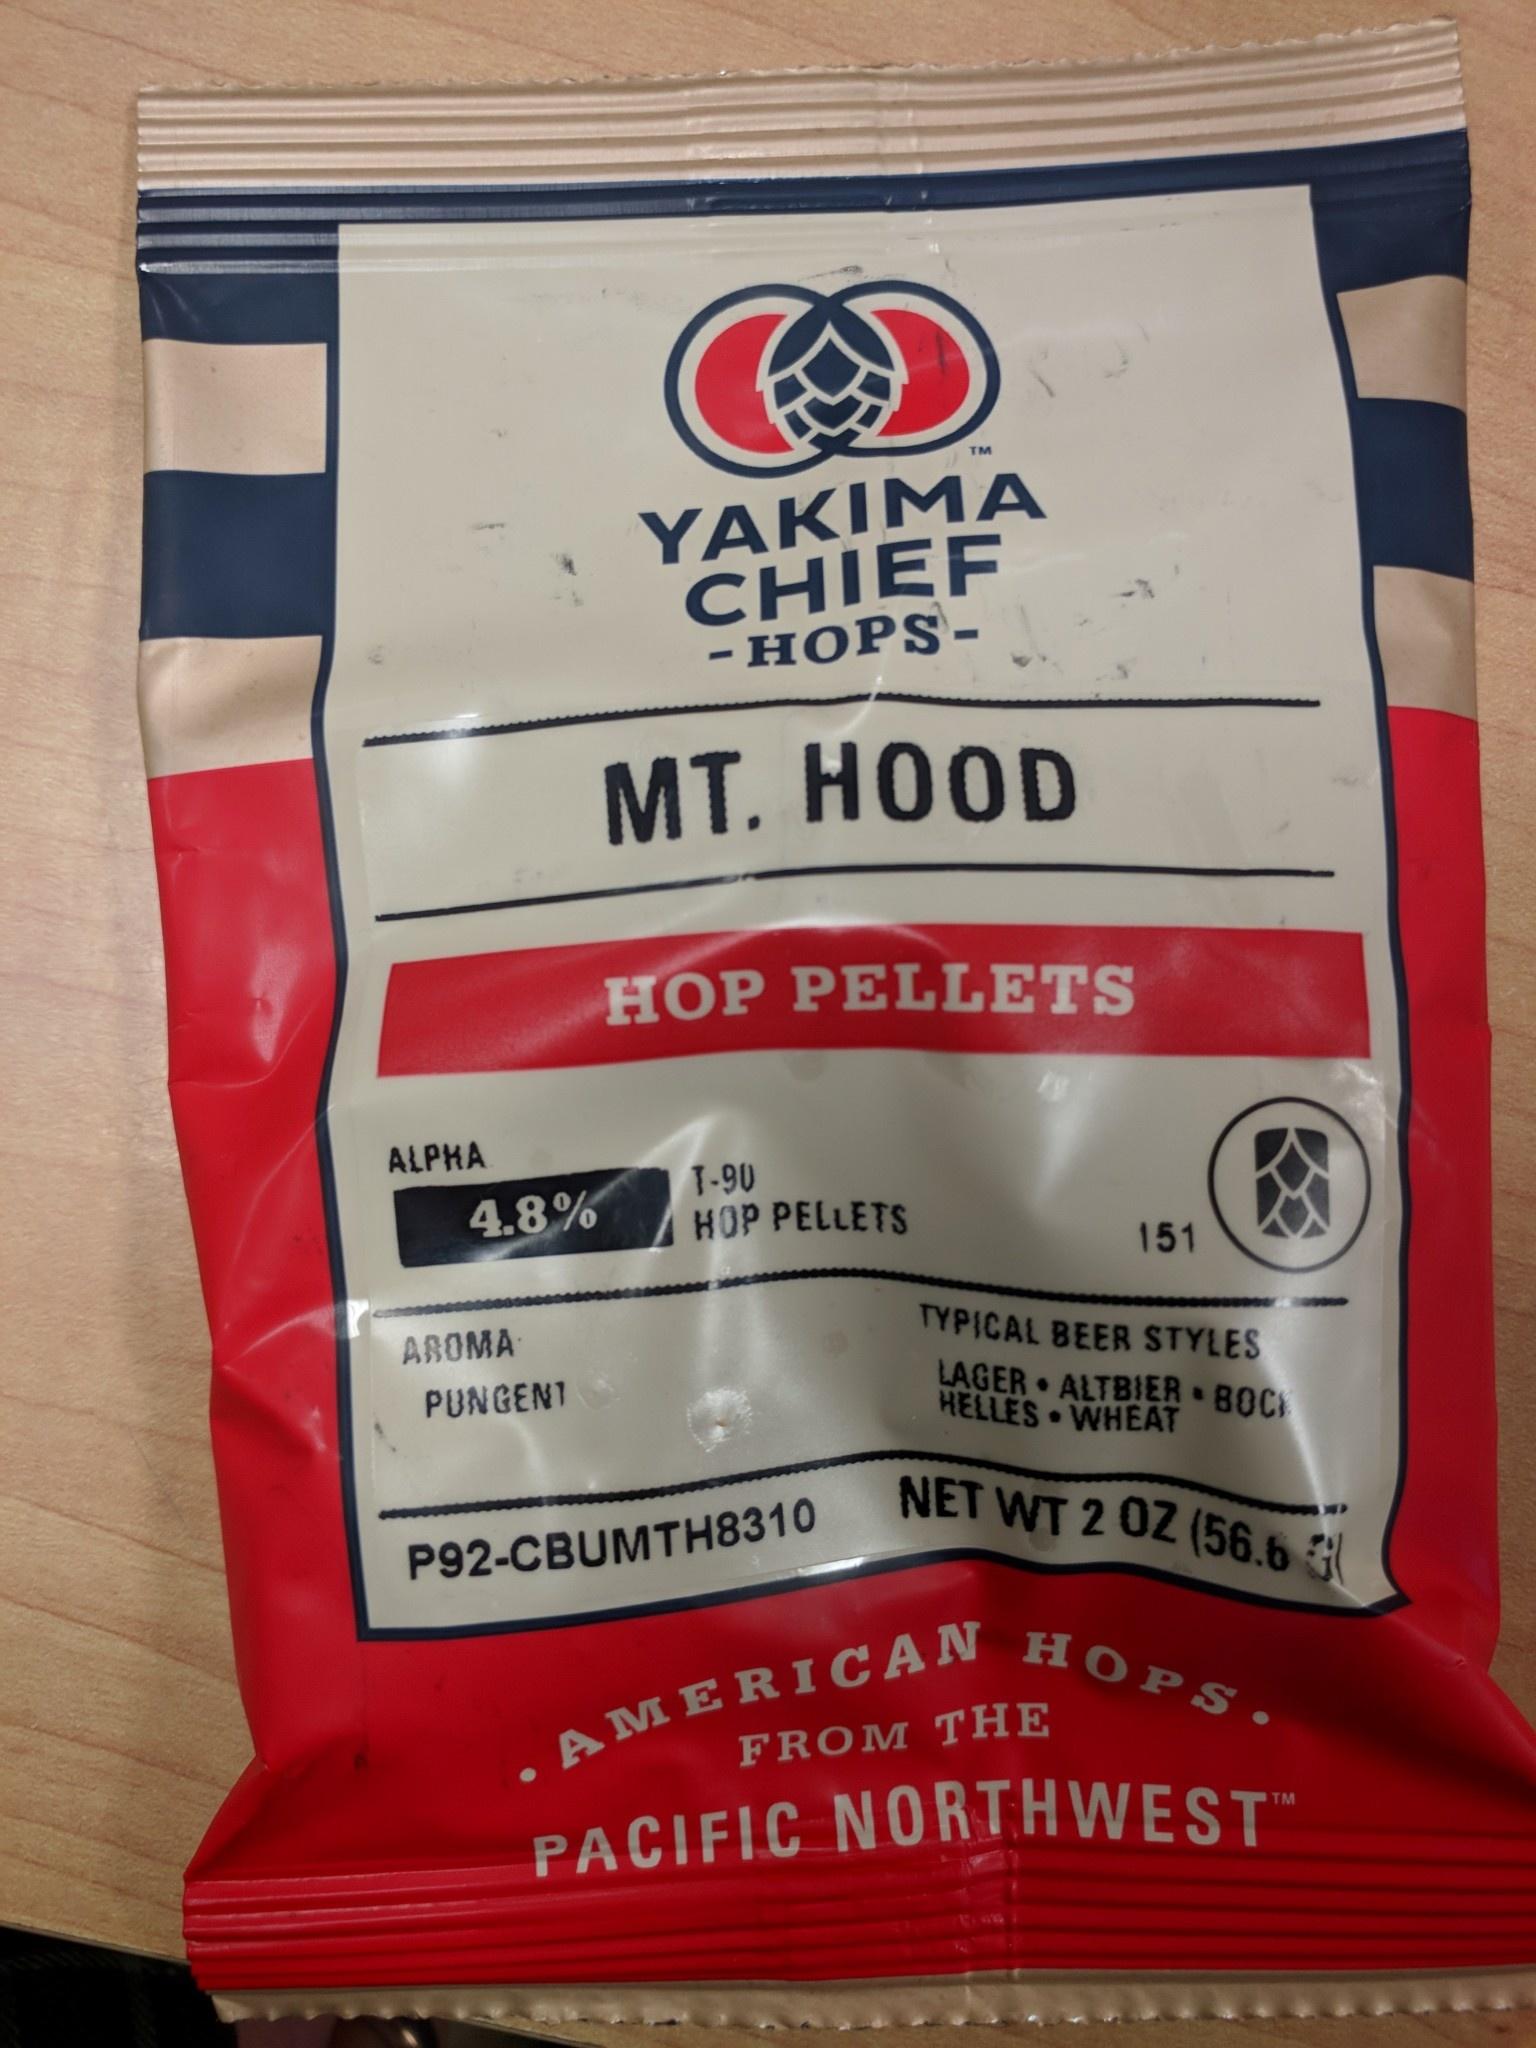 Mt. Hood (US) Pellet Hops 2oz